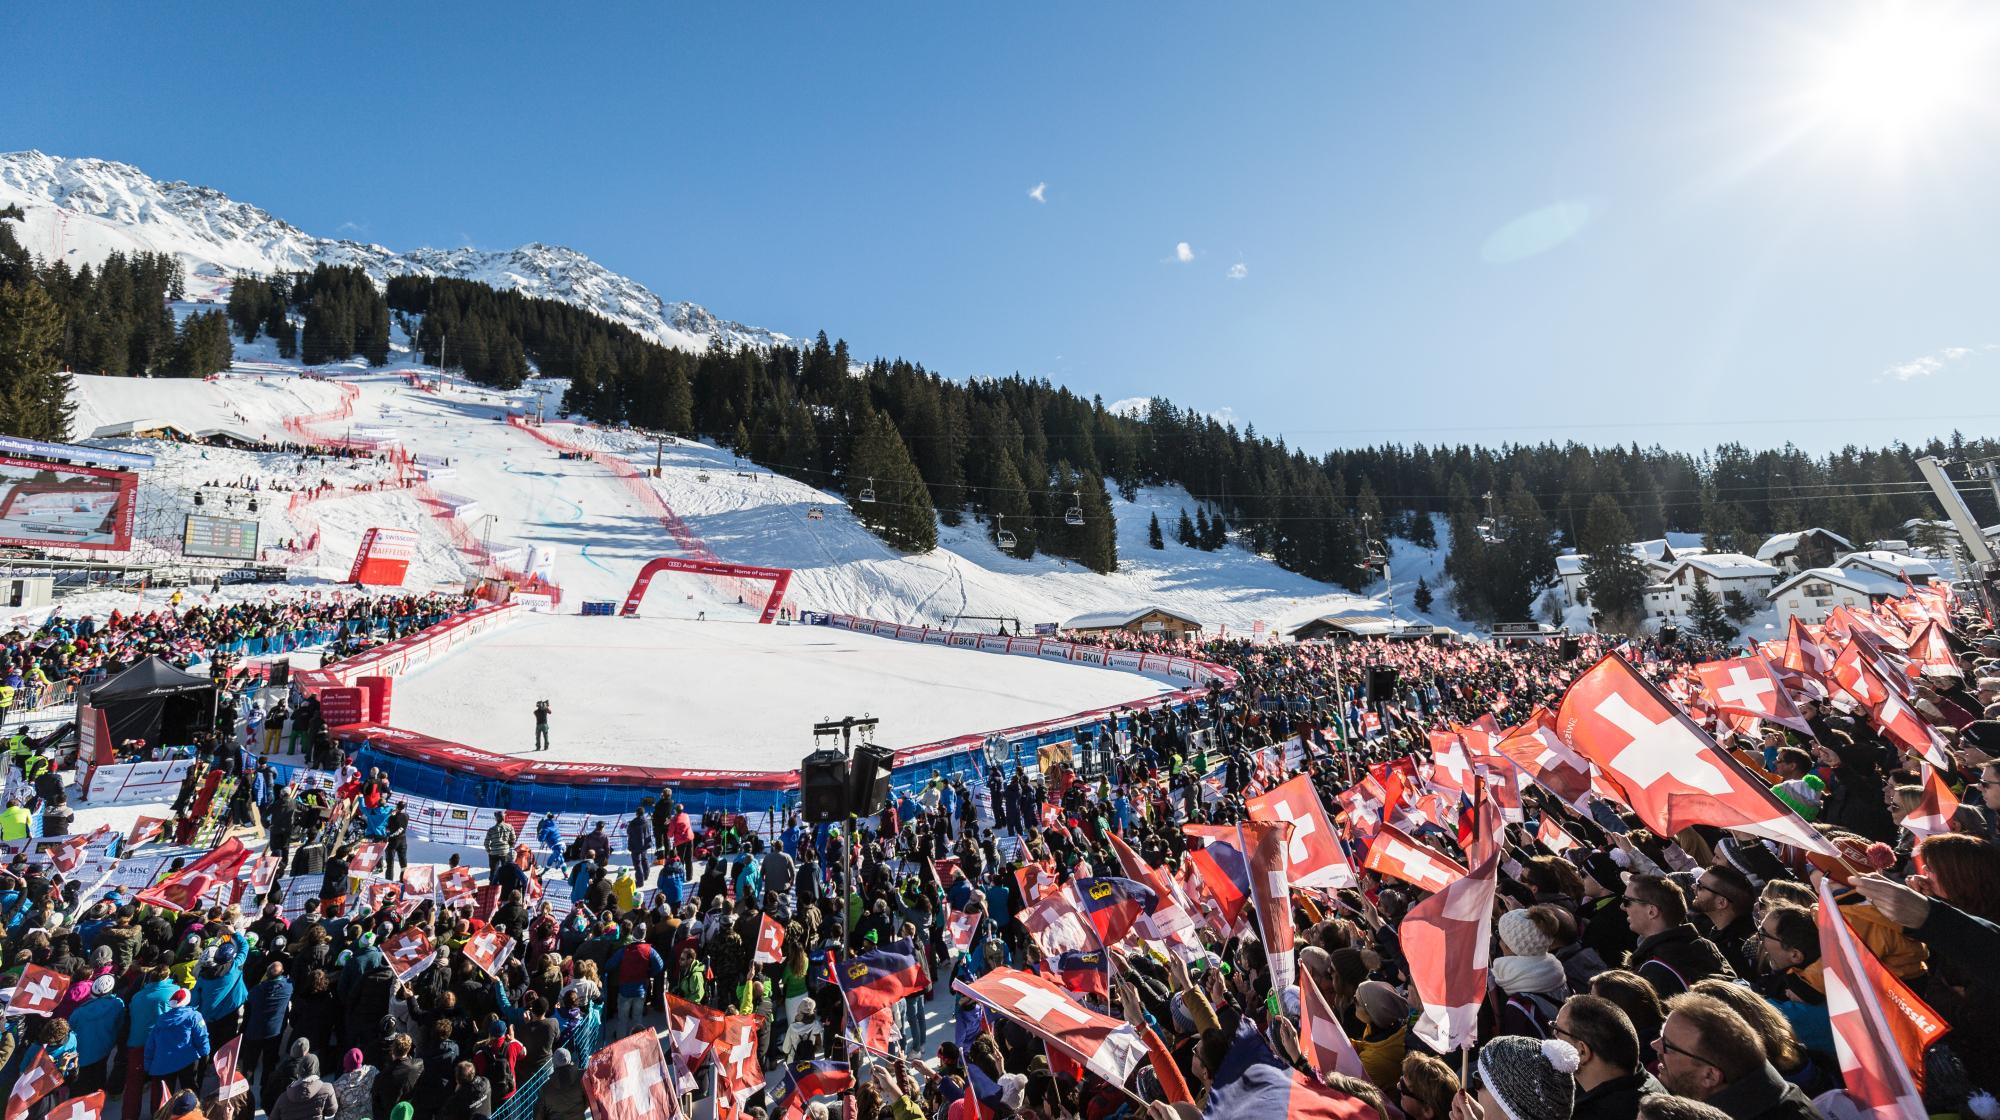 Zielraum beim Ski-Weltcup in Lenzerheide